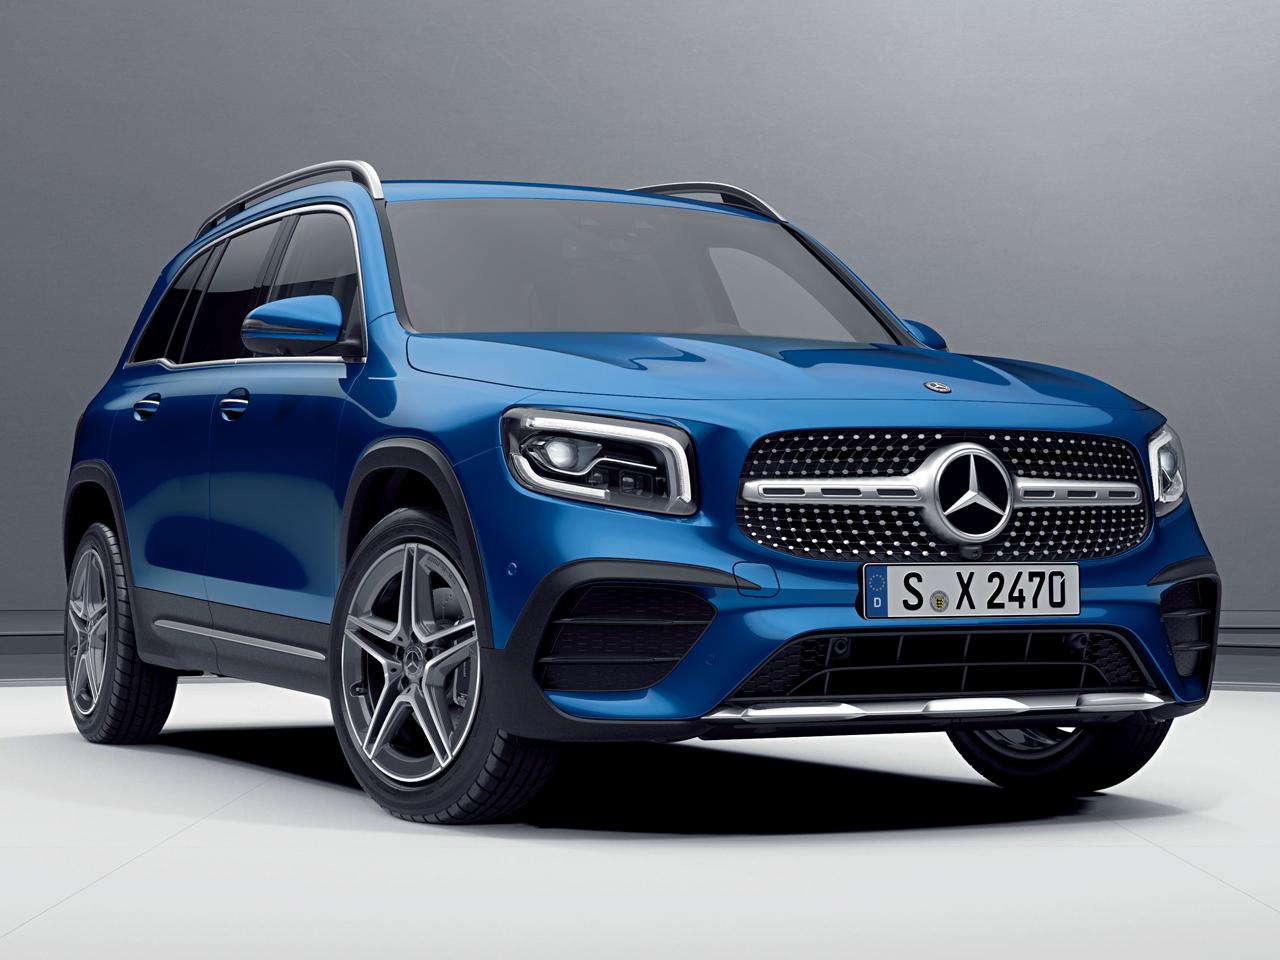 メルセデス・ベンツ GLBクラス 2020年モデル 新車画像